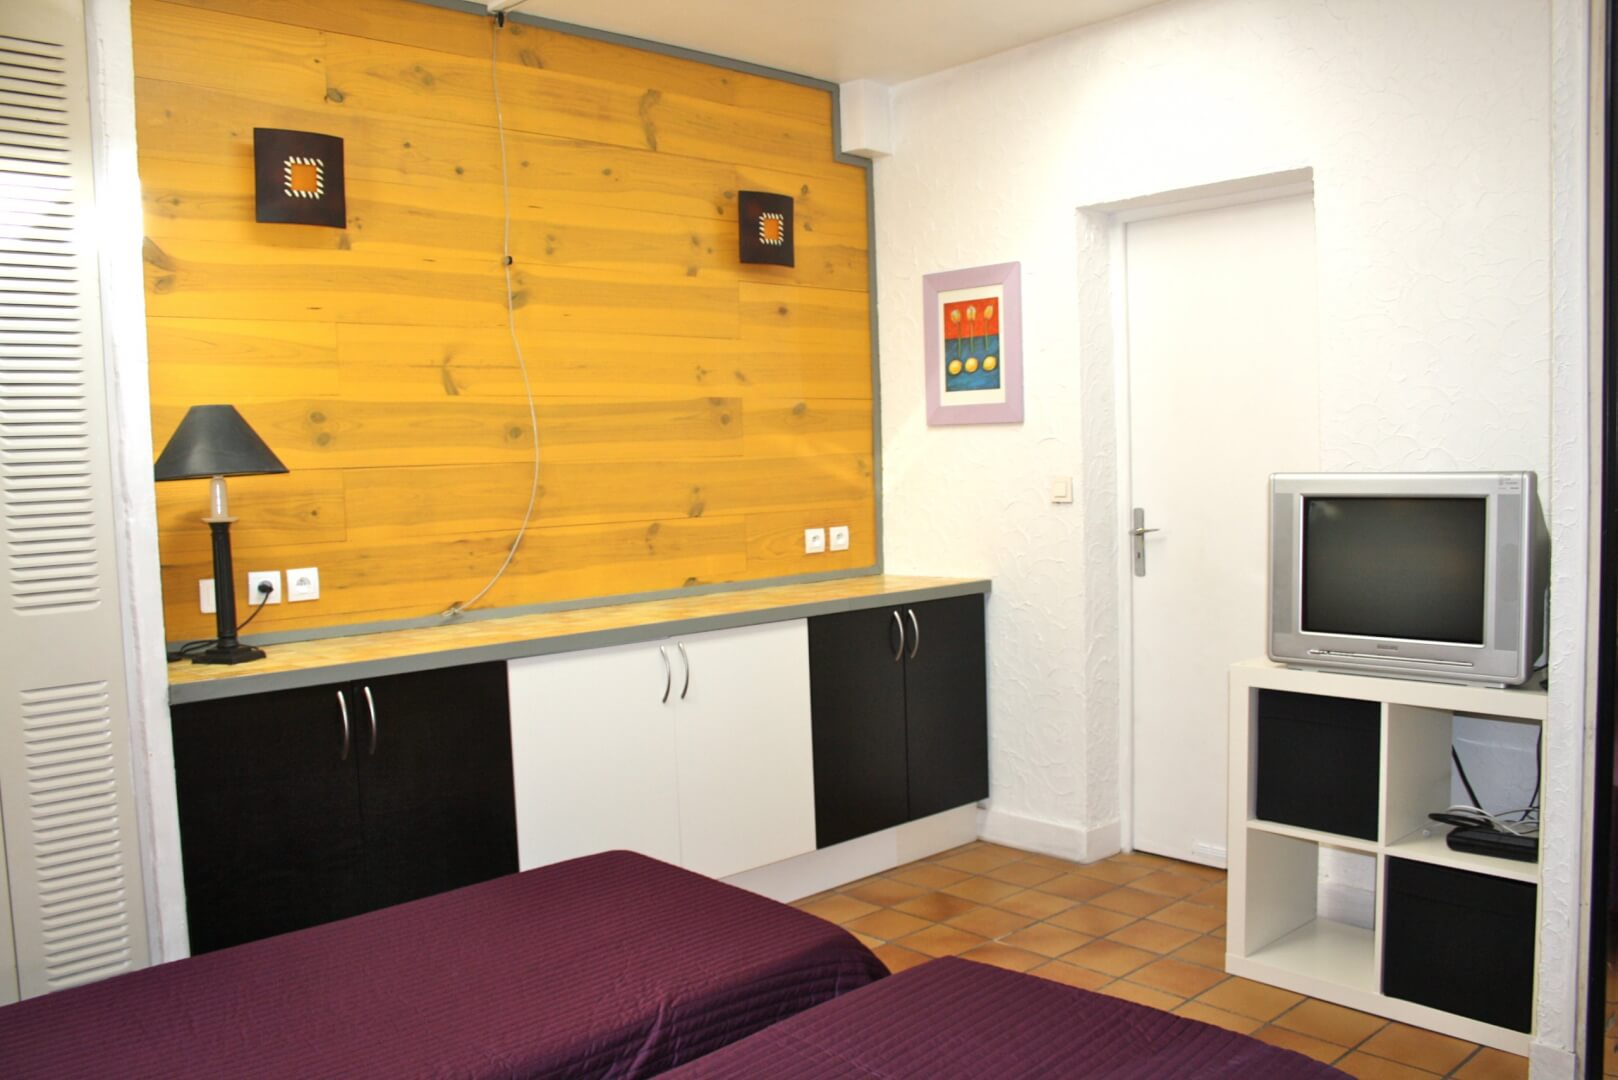 louer-a-villejuif-studio-meublé-saisonnier-pas-cher-villa-liberte-calme-chez-l'habitan